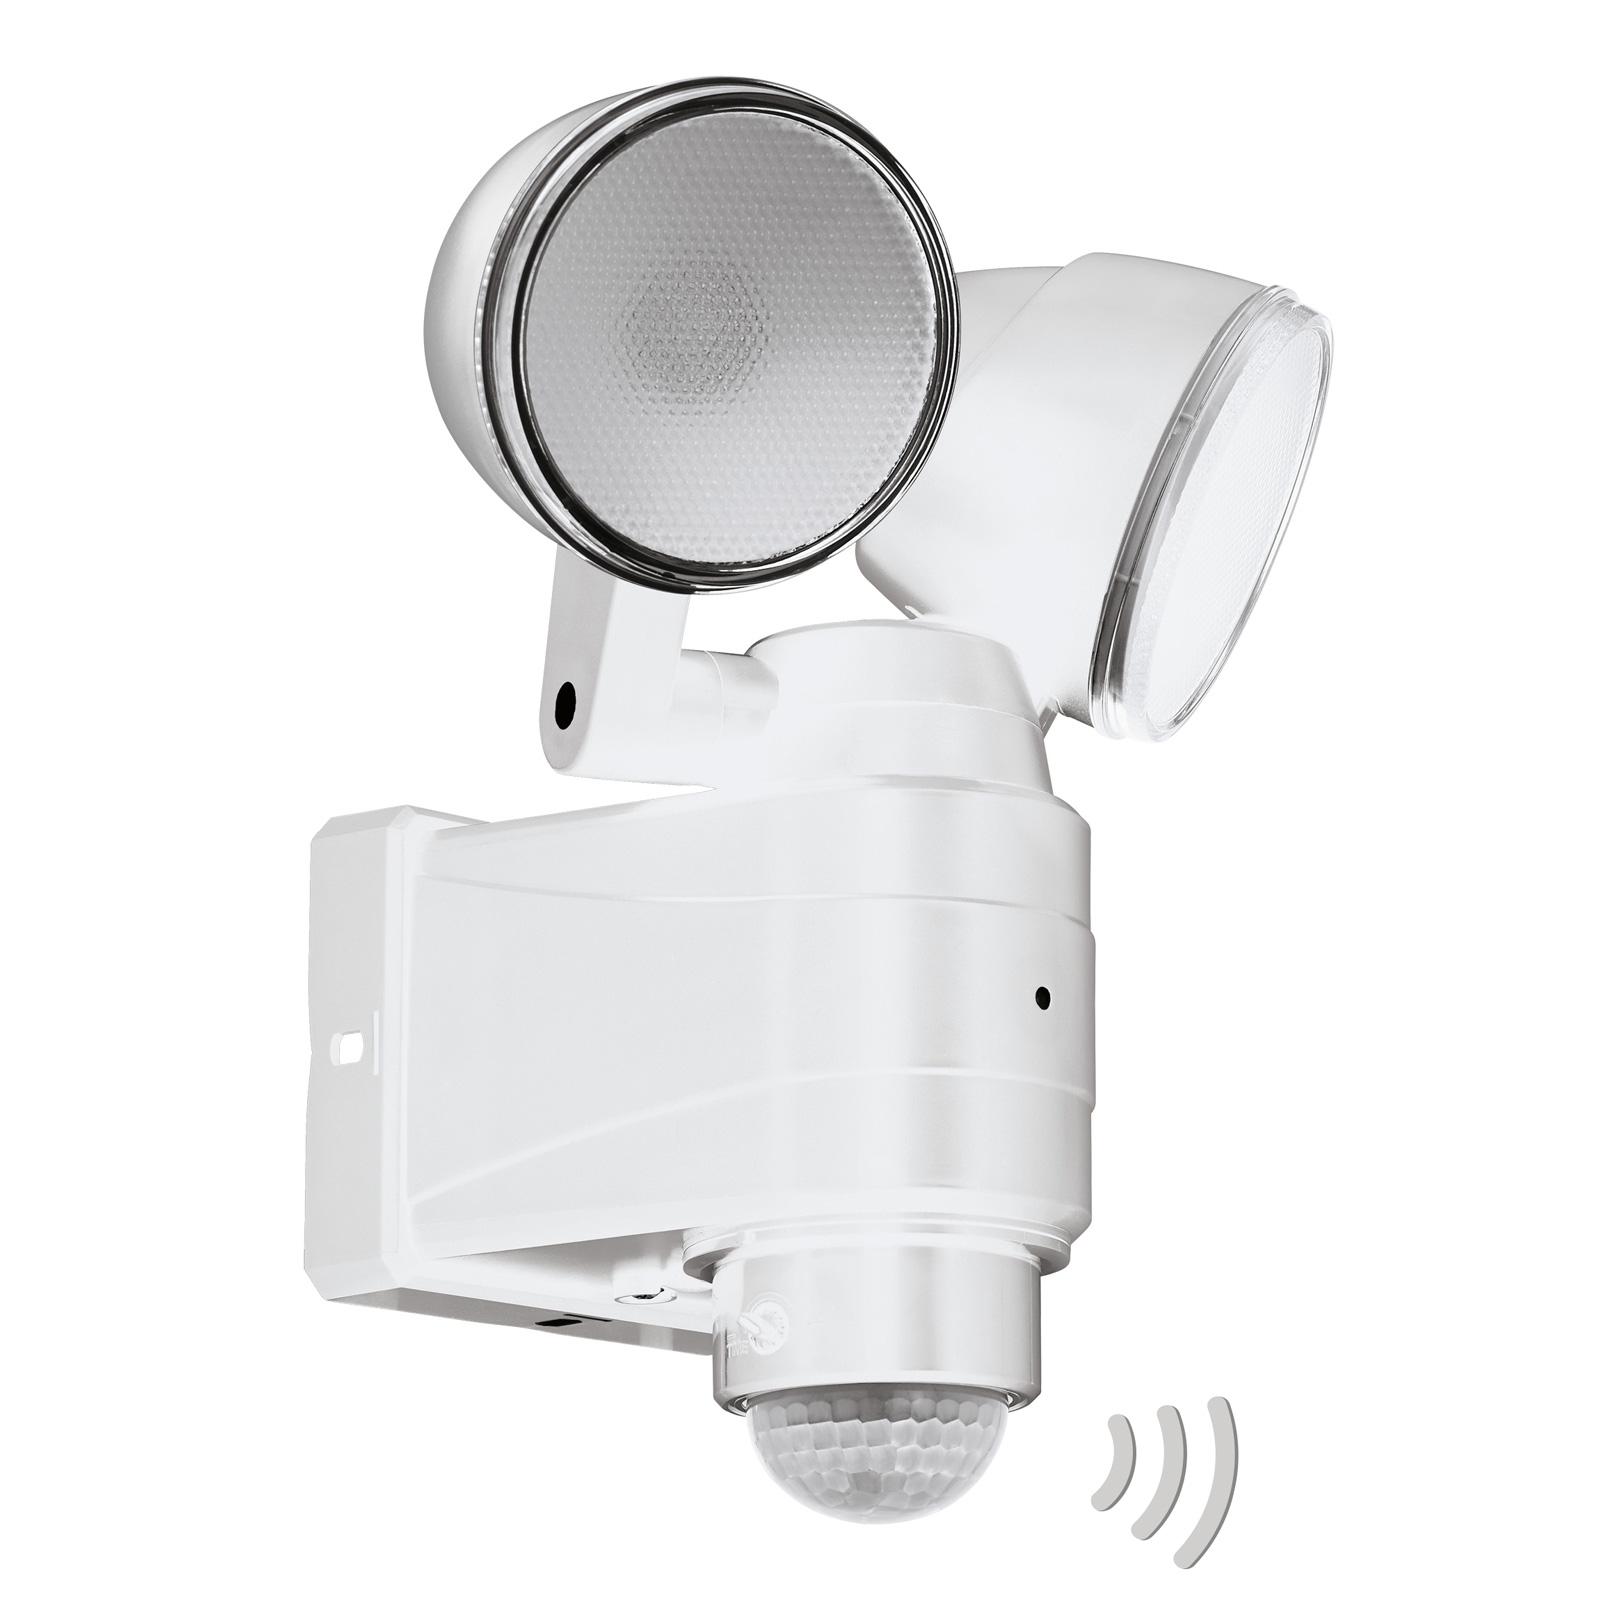 Spot zewnętrzny LED Casabas na baterie 2-pkt biały